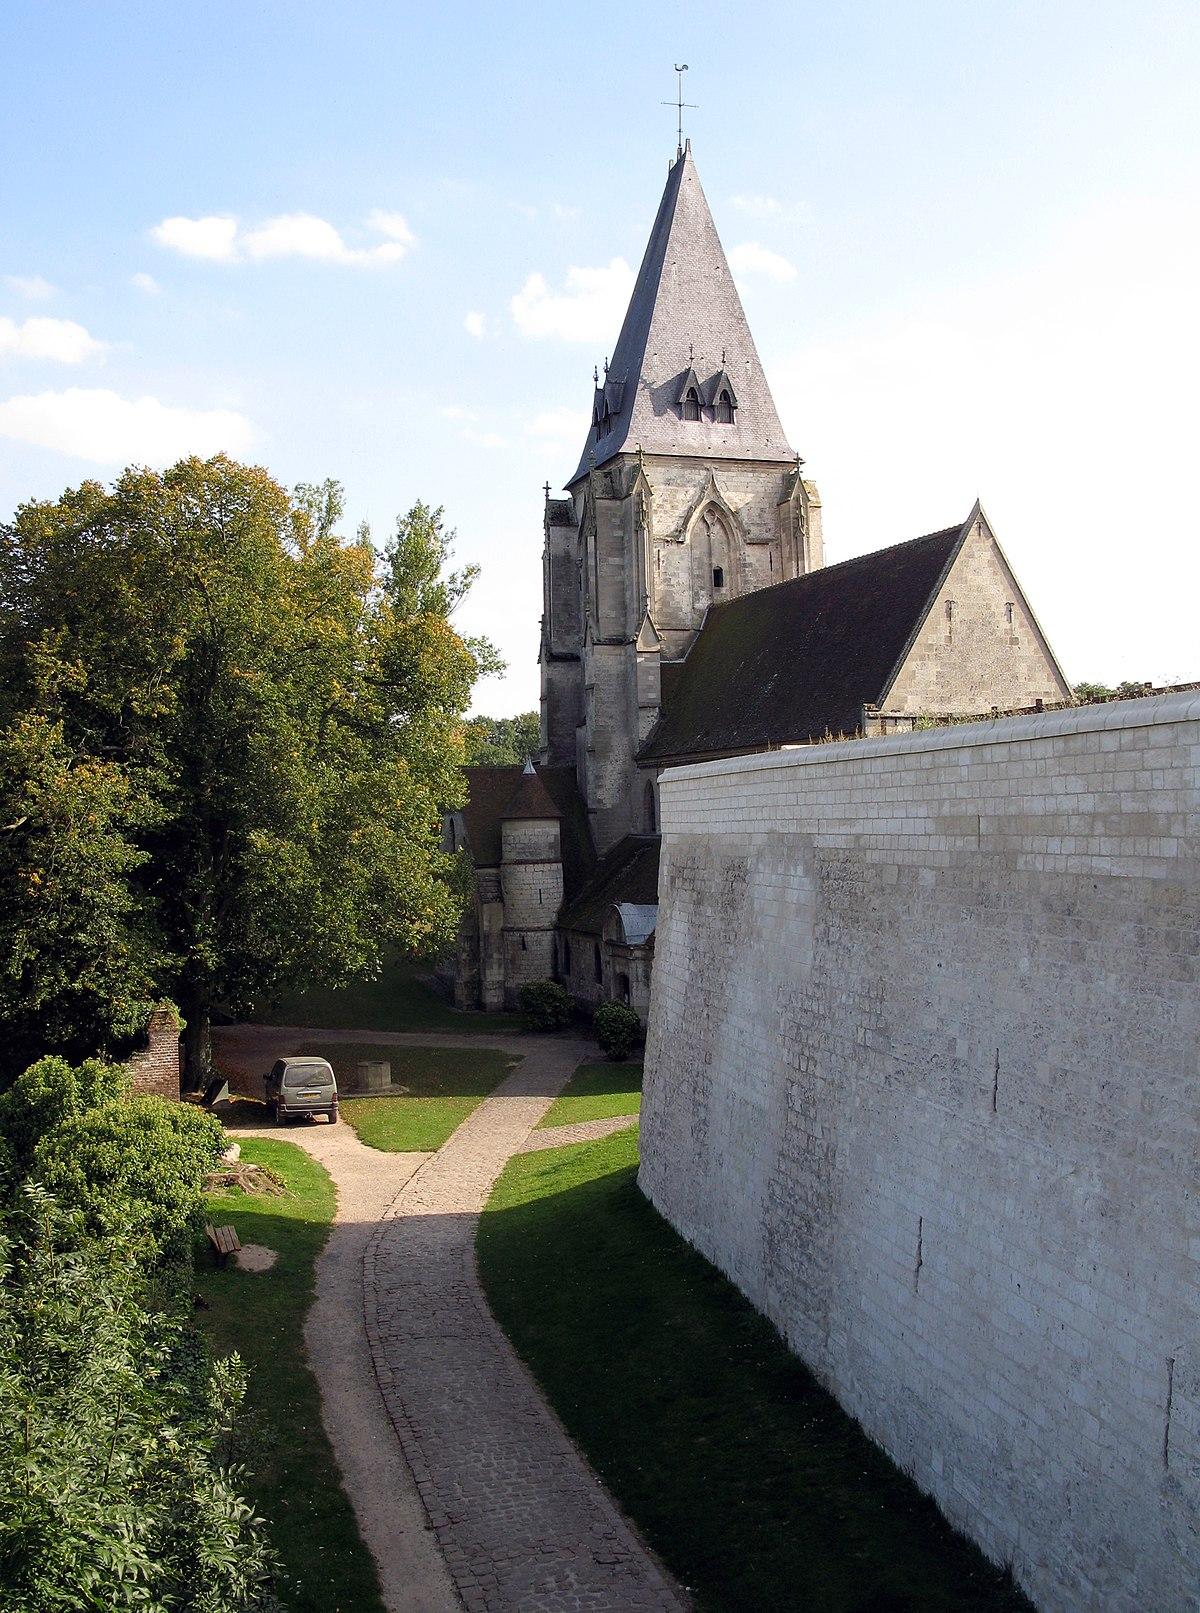 Picquigny - Wikipedia